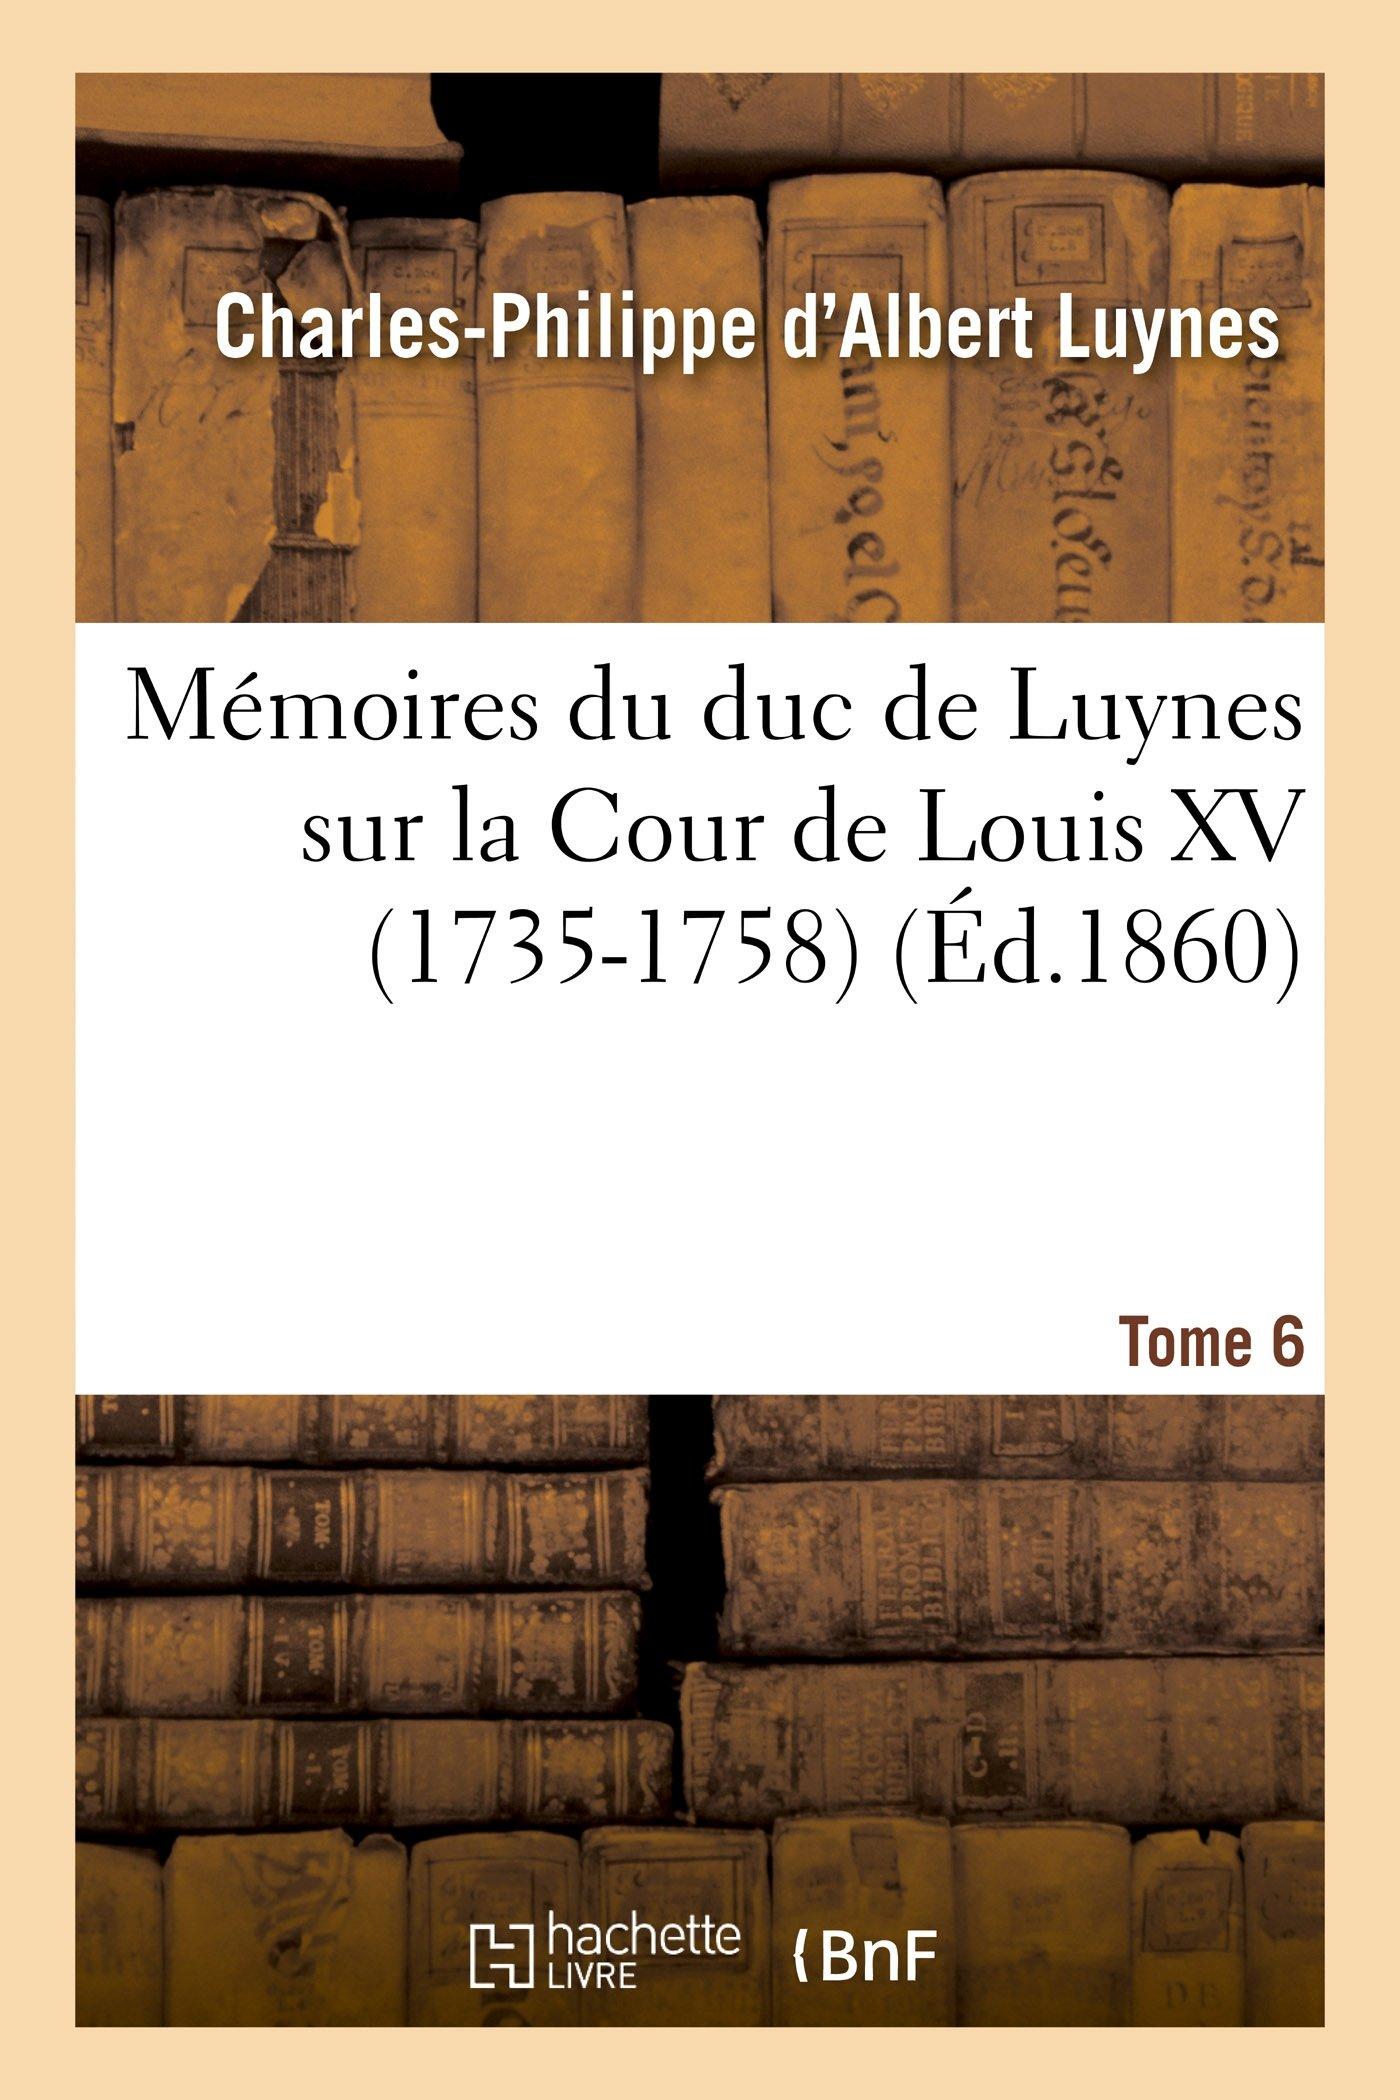 Download Mémoires du duc de Luynes sur la Cour de Louis XV (1735-1758). T. 6 (Histoire) (French Edition) ebook